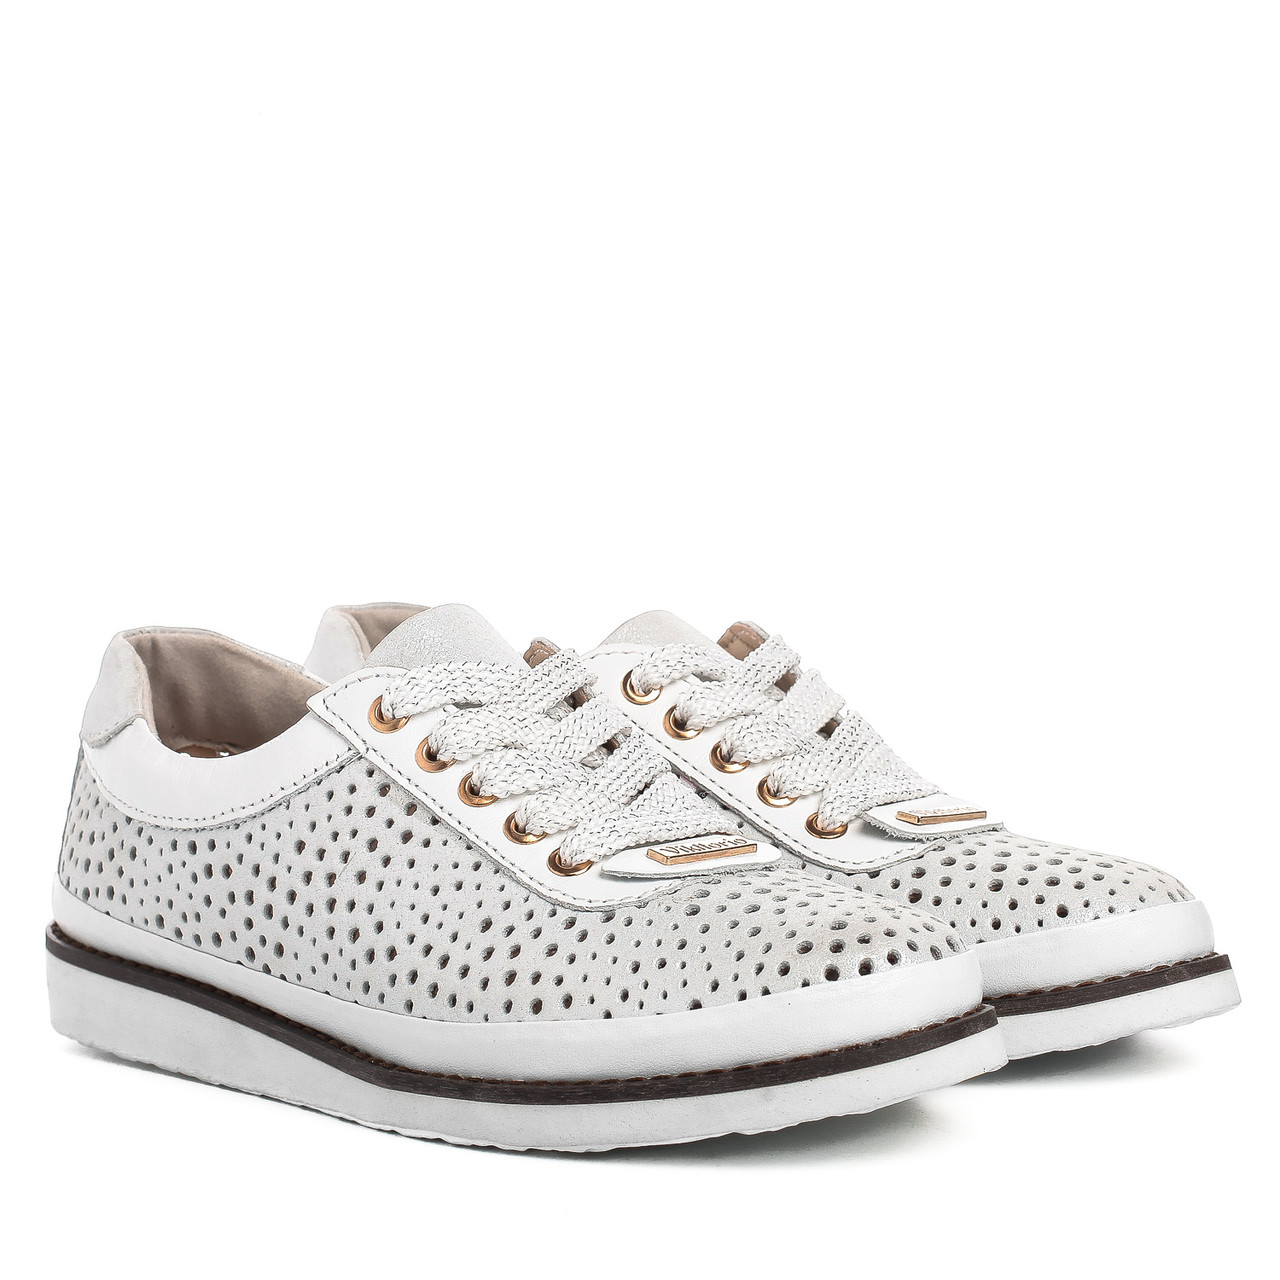 a0a03e6c Купить Туфли женские Vikttorio (летние, с перфорацией, на шнурках ...